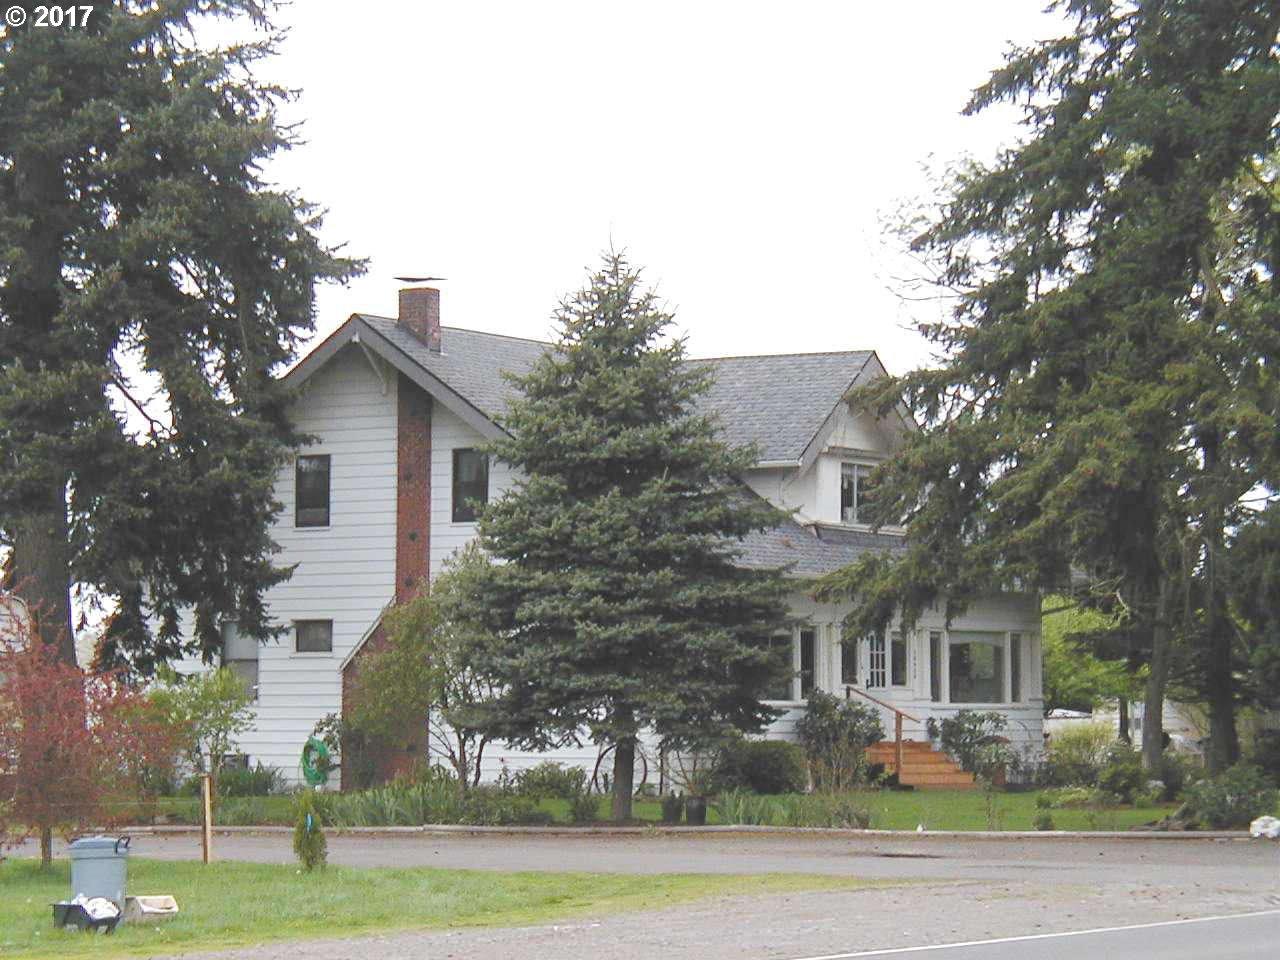 10610 NE 87TH AVE, Brush Prairie, WA 98606